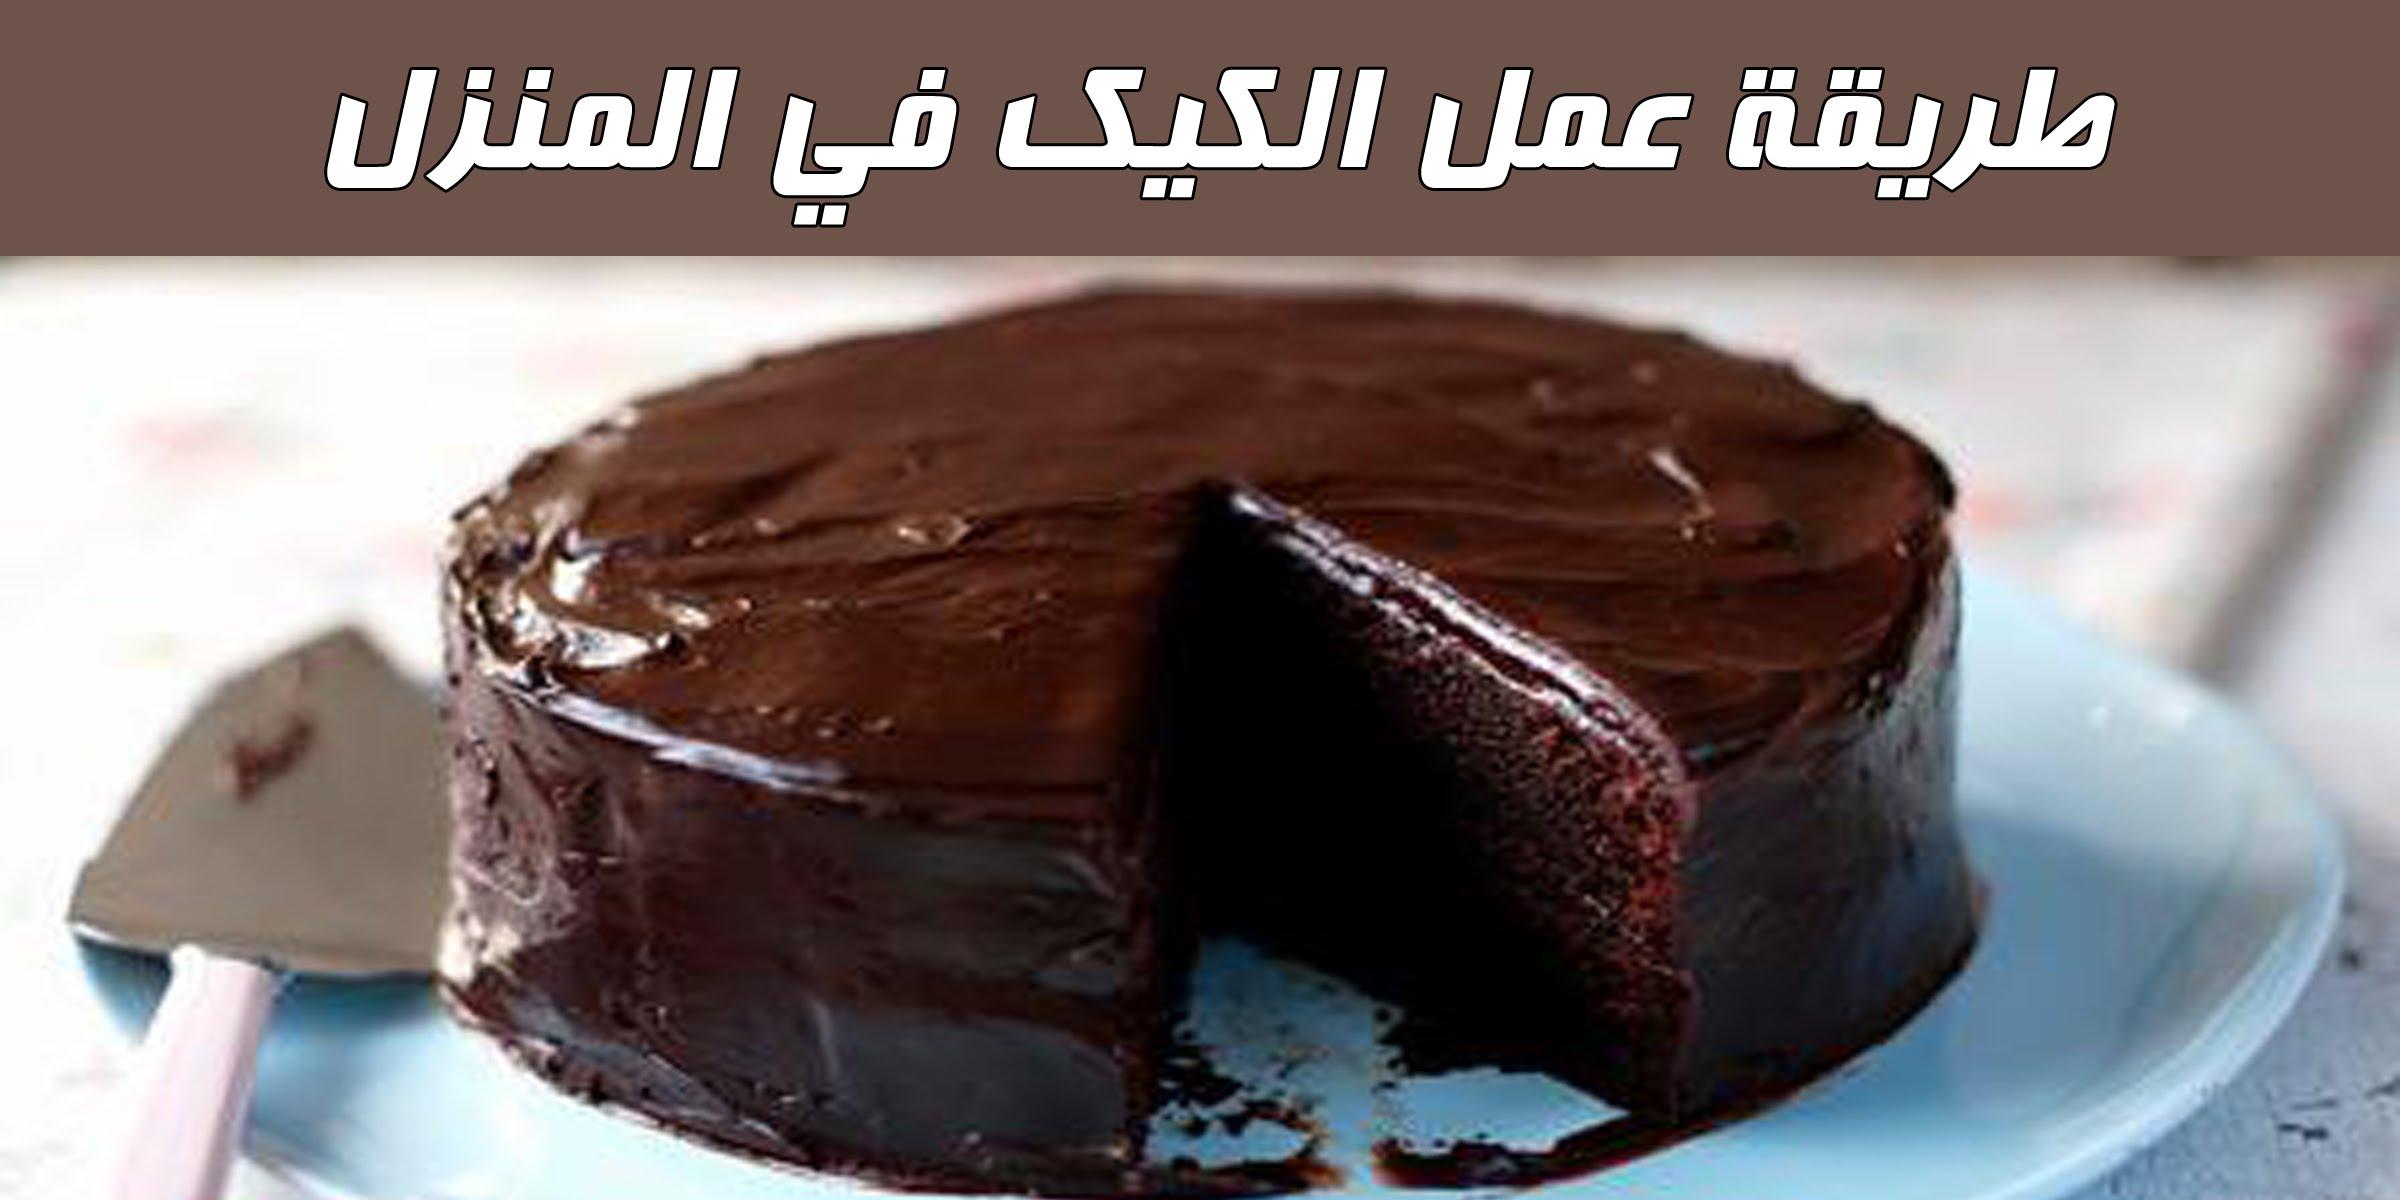 بالصور طريقة عمل الكيك بالشوكولاتة سهلة , اسهل طريقة عمل الكيكة بالشيكولا 4917 1